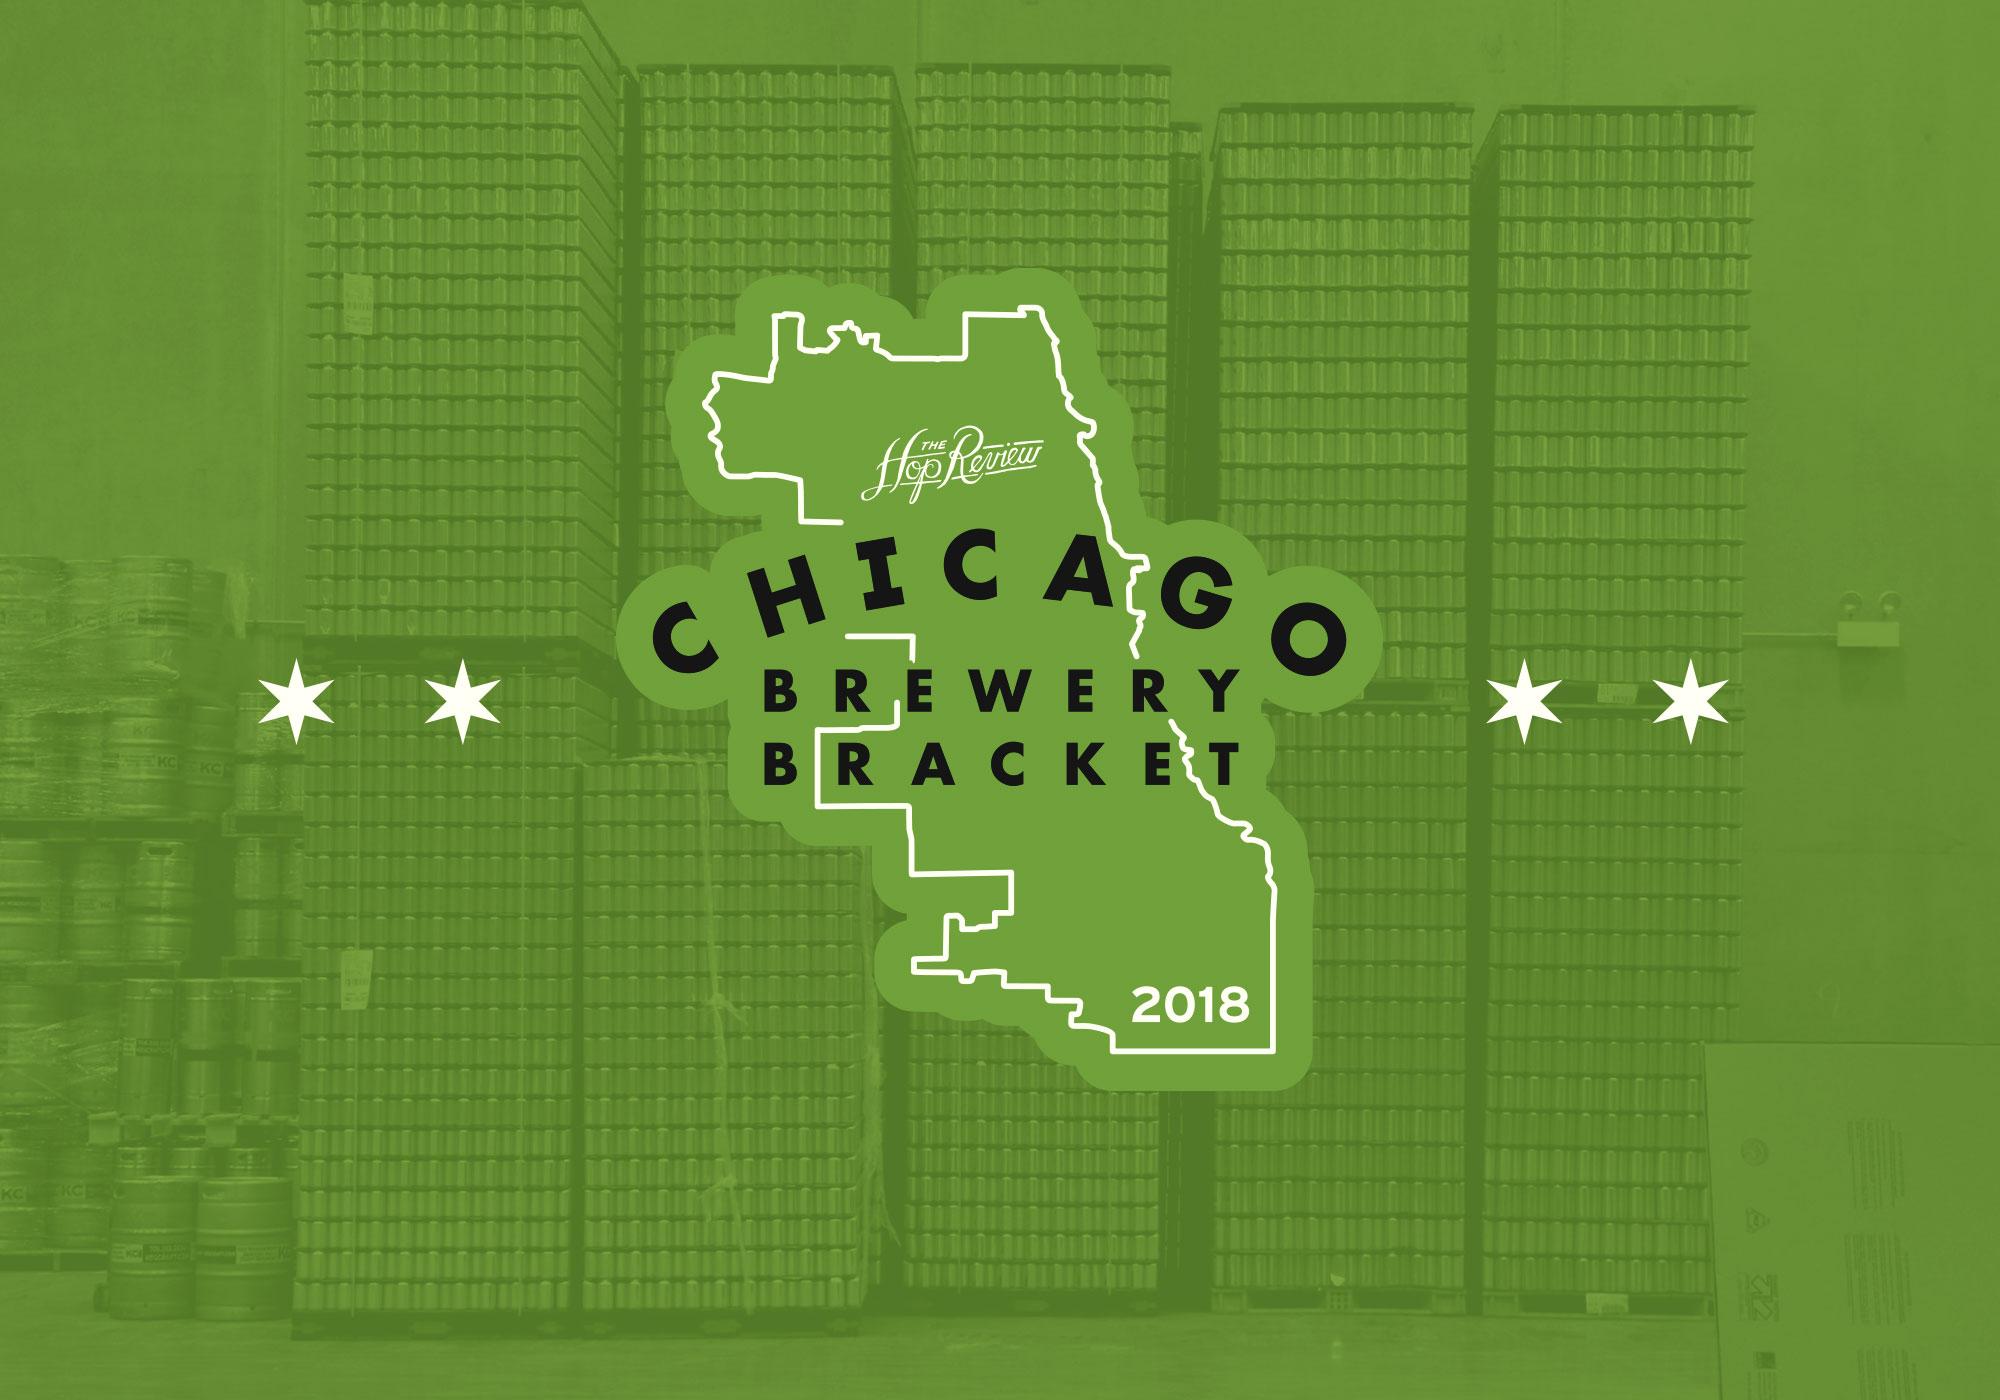 THR's 2018 Chicago Brewery Bracket